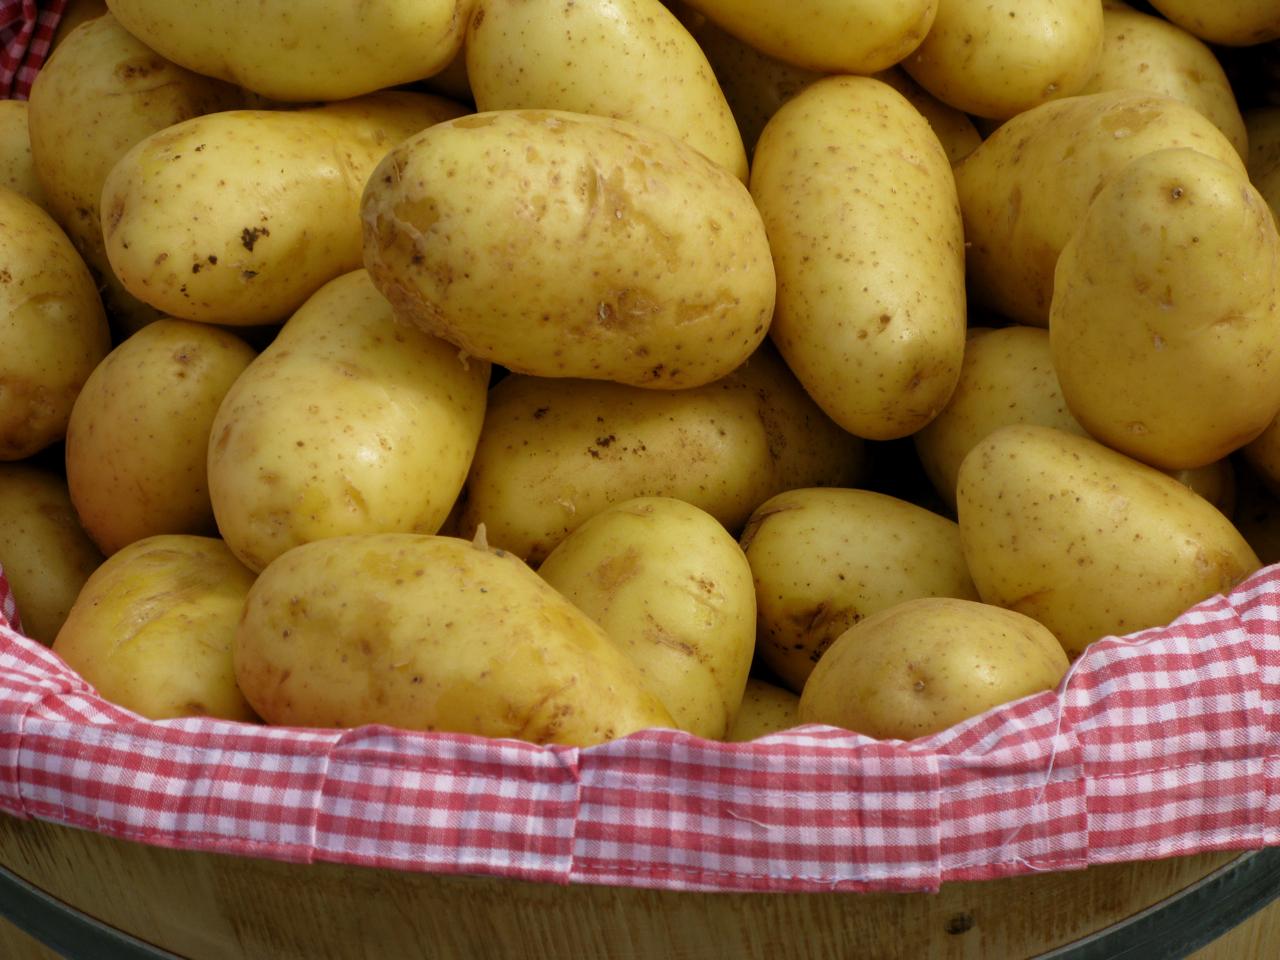 Salute troppe calorie crisi delle patate sulle tavole americane meteo web - Cucinare patate americane ...